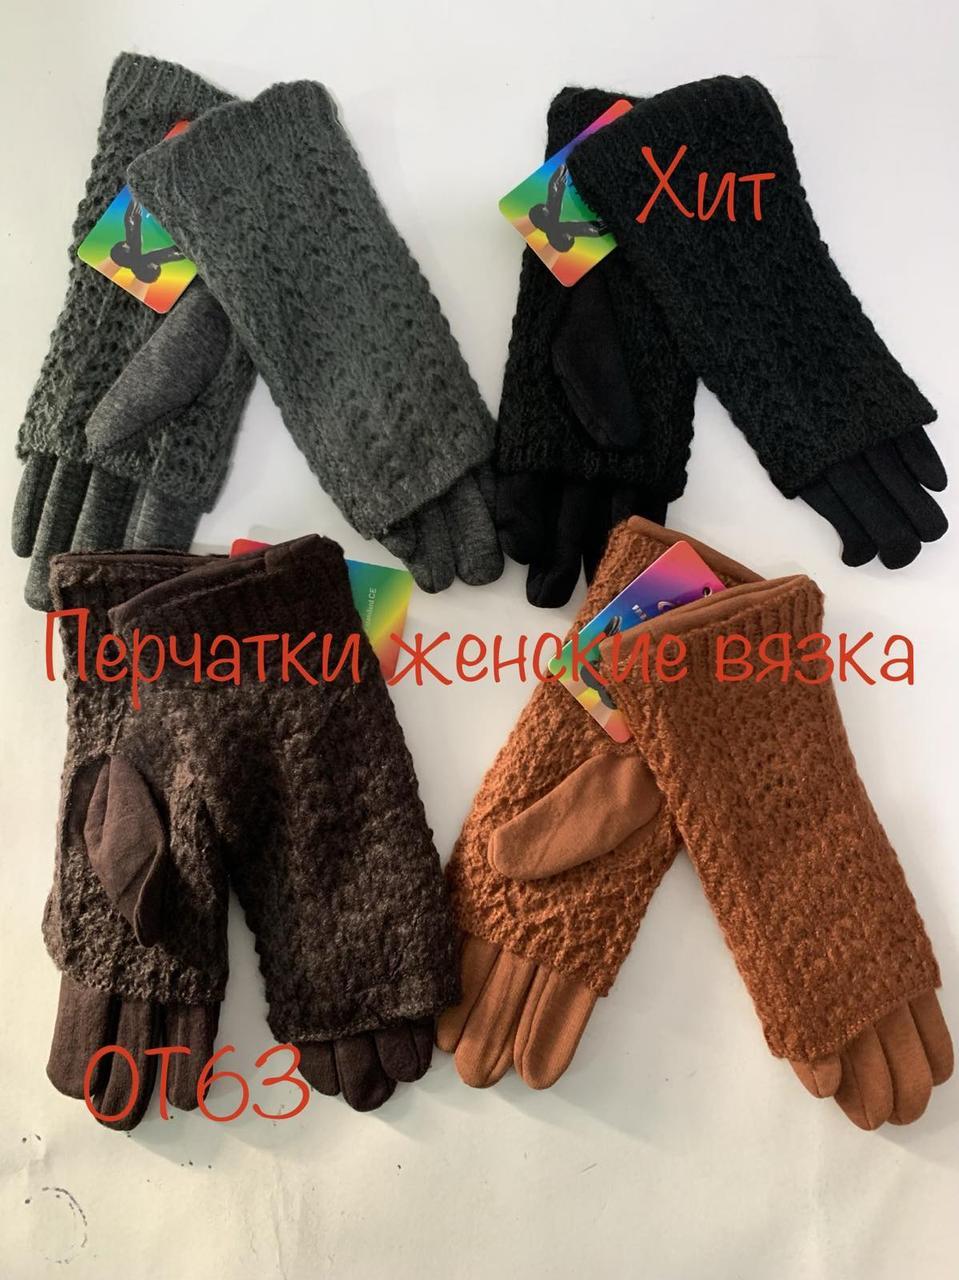 Перчатки женские в вязкой